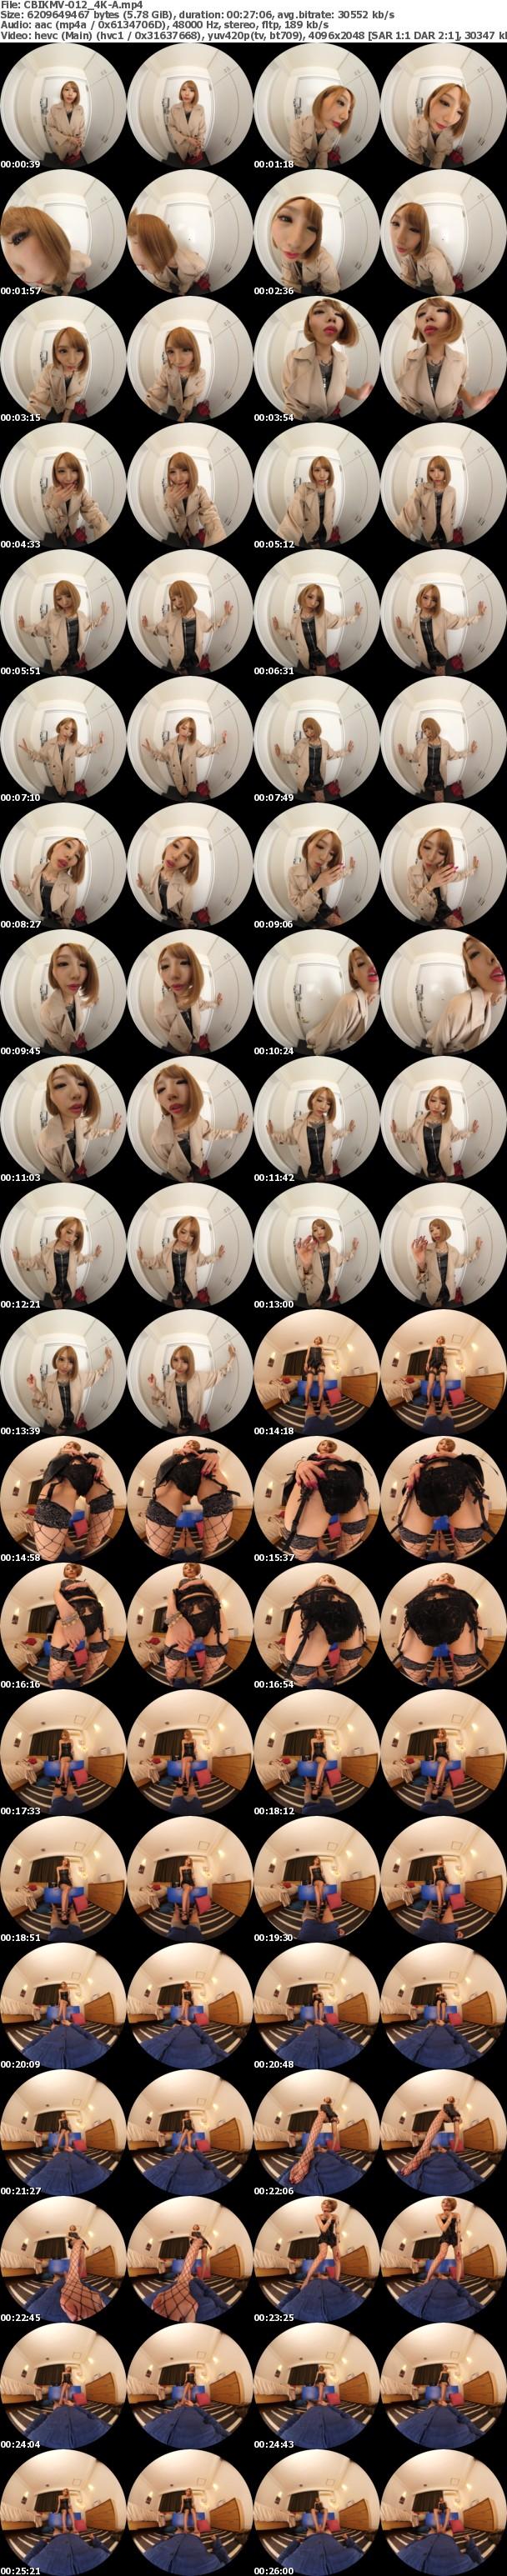 (VR) (4K) CBIKMV-012 絶対予約が取れない180cm超長身タトゥー美女 エル なぶり超脚テク、舌ワザ。生姦激ピス、連続イキで何度も中出し 佐藤エル